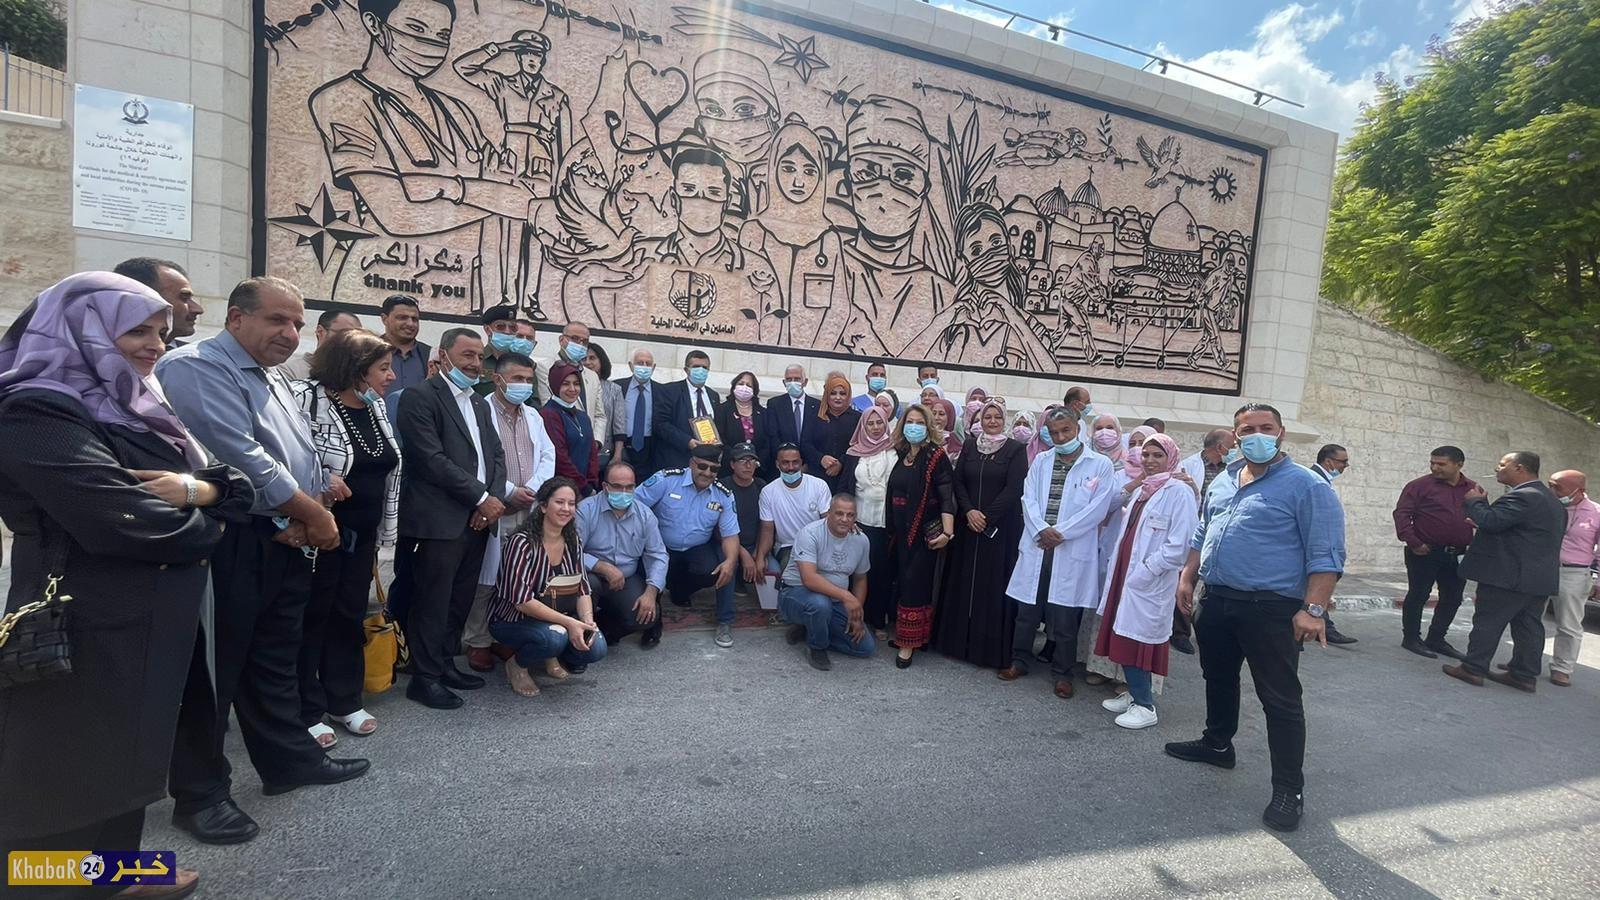 """بالصور- افتتاح جدارية """"الوفاء للطواقم الطبية والأمنية والهيئات المحلية"""" في بيت لحم"""